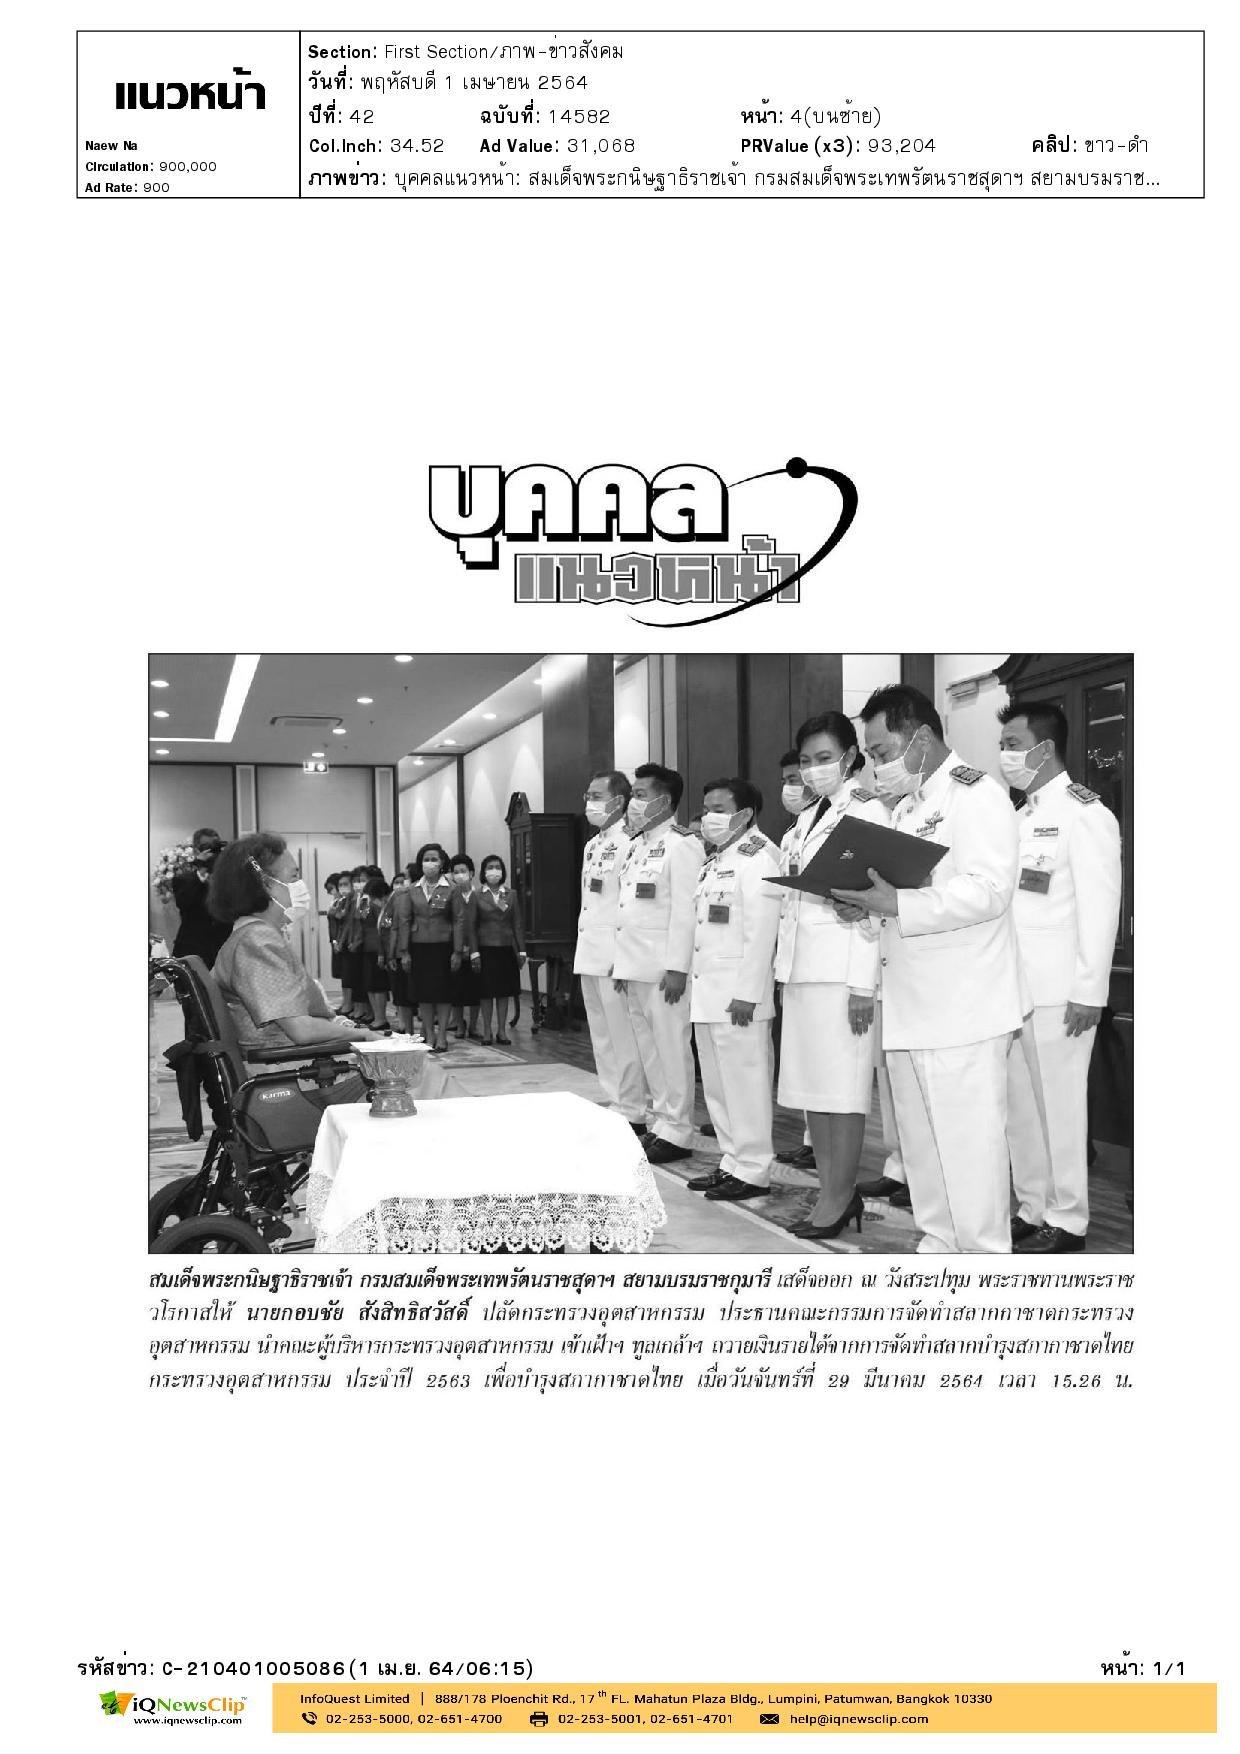 เข้าเฝ้าฯ ทูลเกล้าฯ ถวายเงินรายได้จากการจัดทำสลากบำรุงสภากาชาดไทย